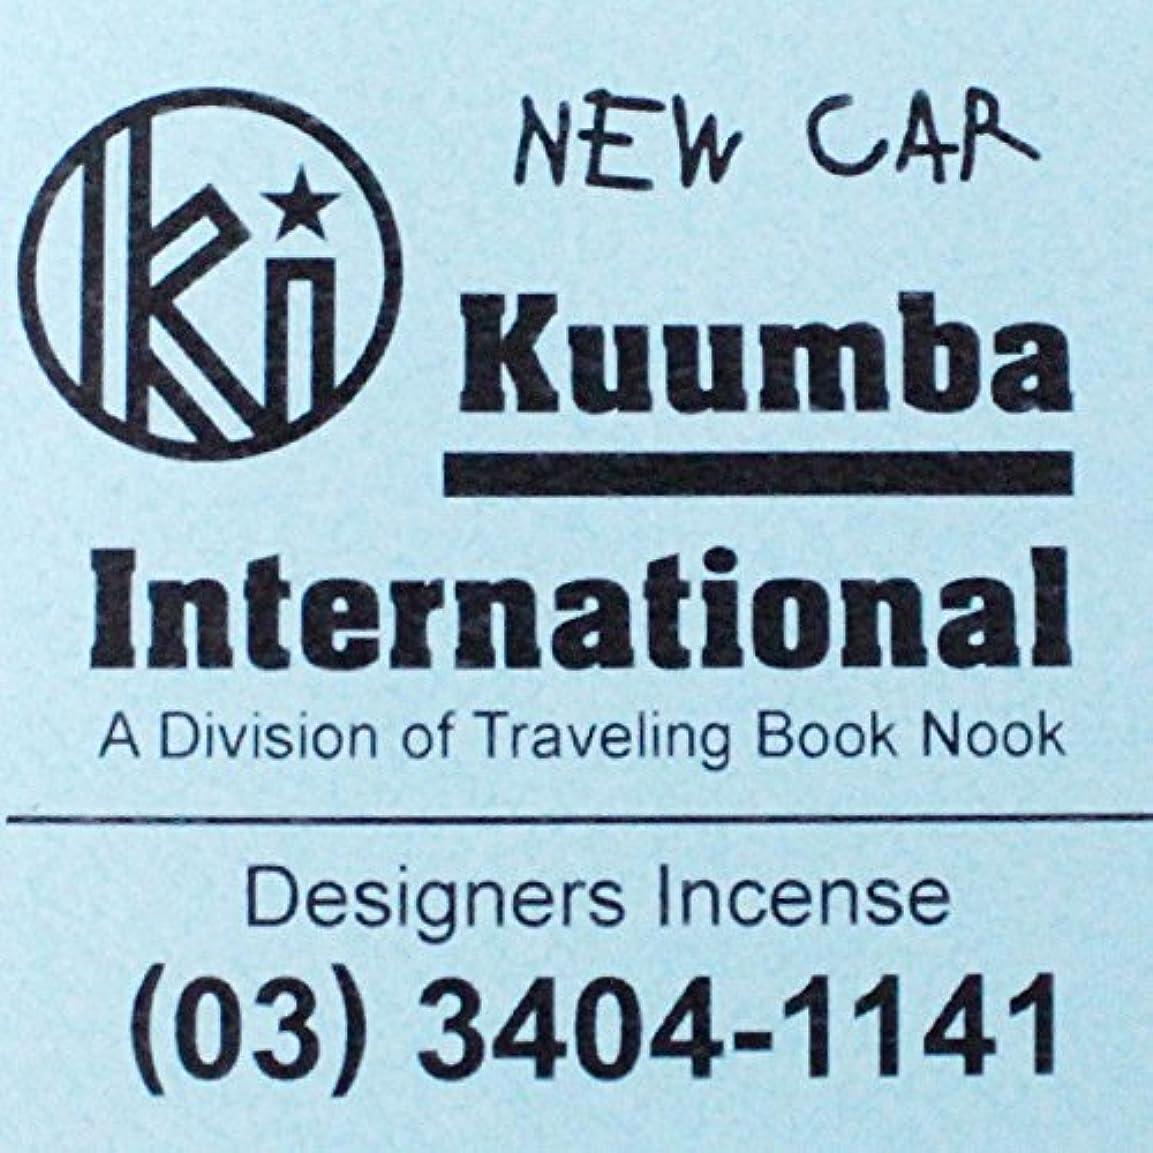 ラバ探す打ち負かす(クンバ) KUUMBA『incense』(NEW CAR) (Regular size)